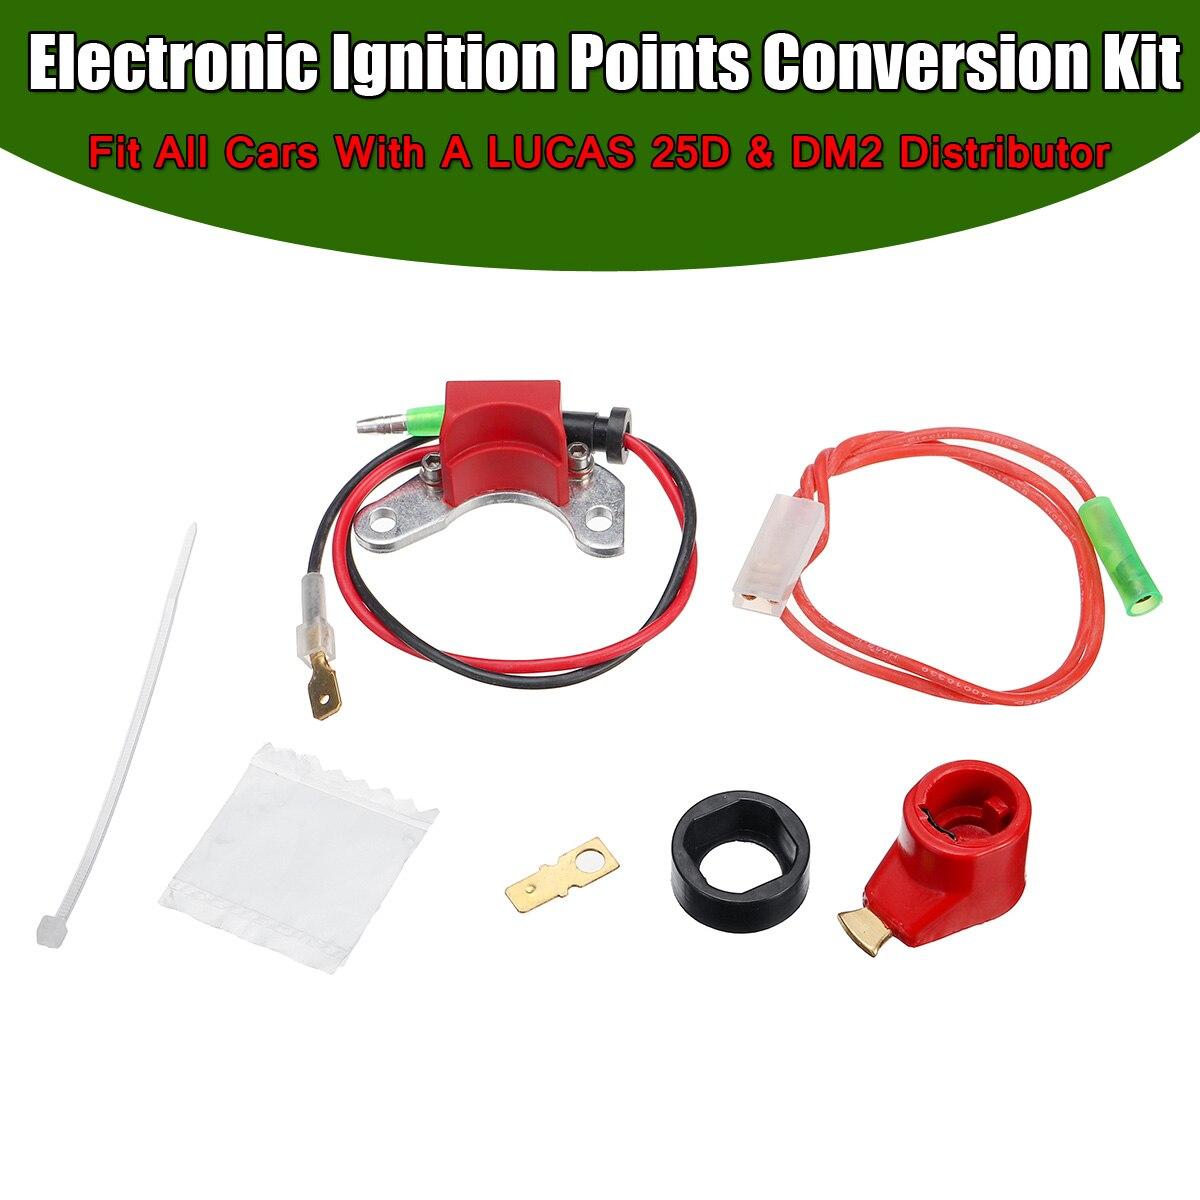 Un conjunto de Kit de bobina de distribuidor de puntos de encendido electrónicos se ajusta A todos los coches para LUCAS 25D + distribuidor DM2